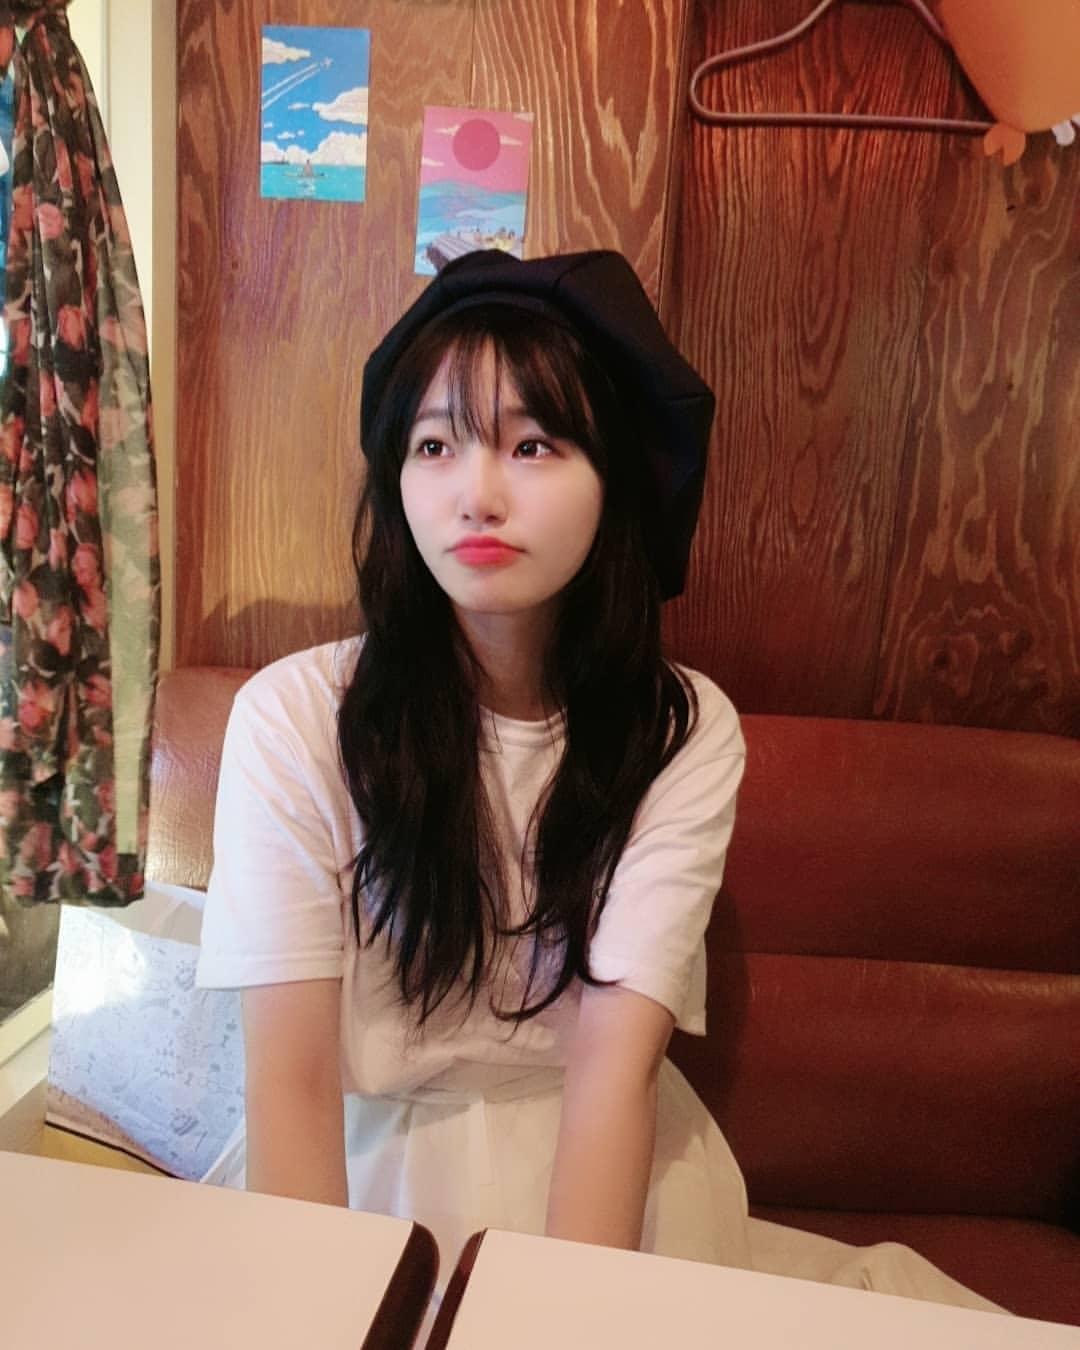 韩国女主播兼cosplay美女+二次元妹子秀莲 韩国妹子 女主播 第22张